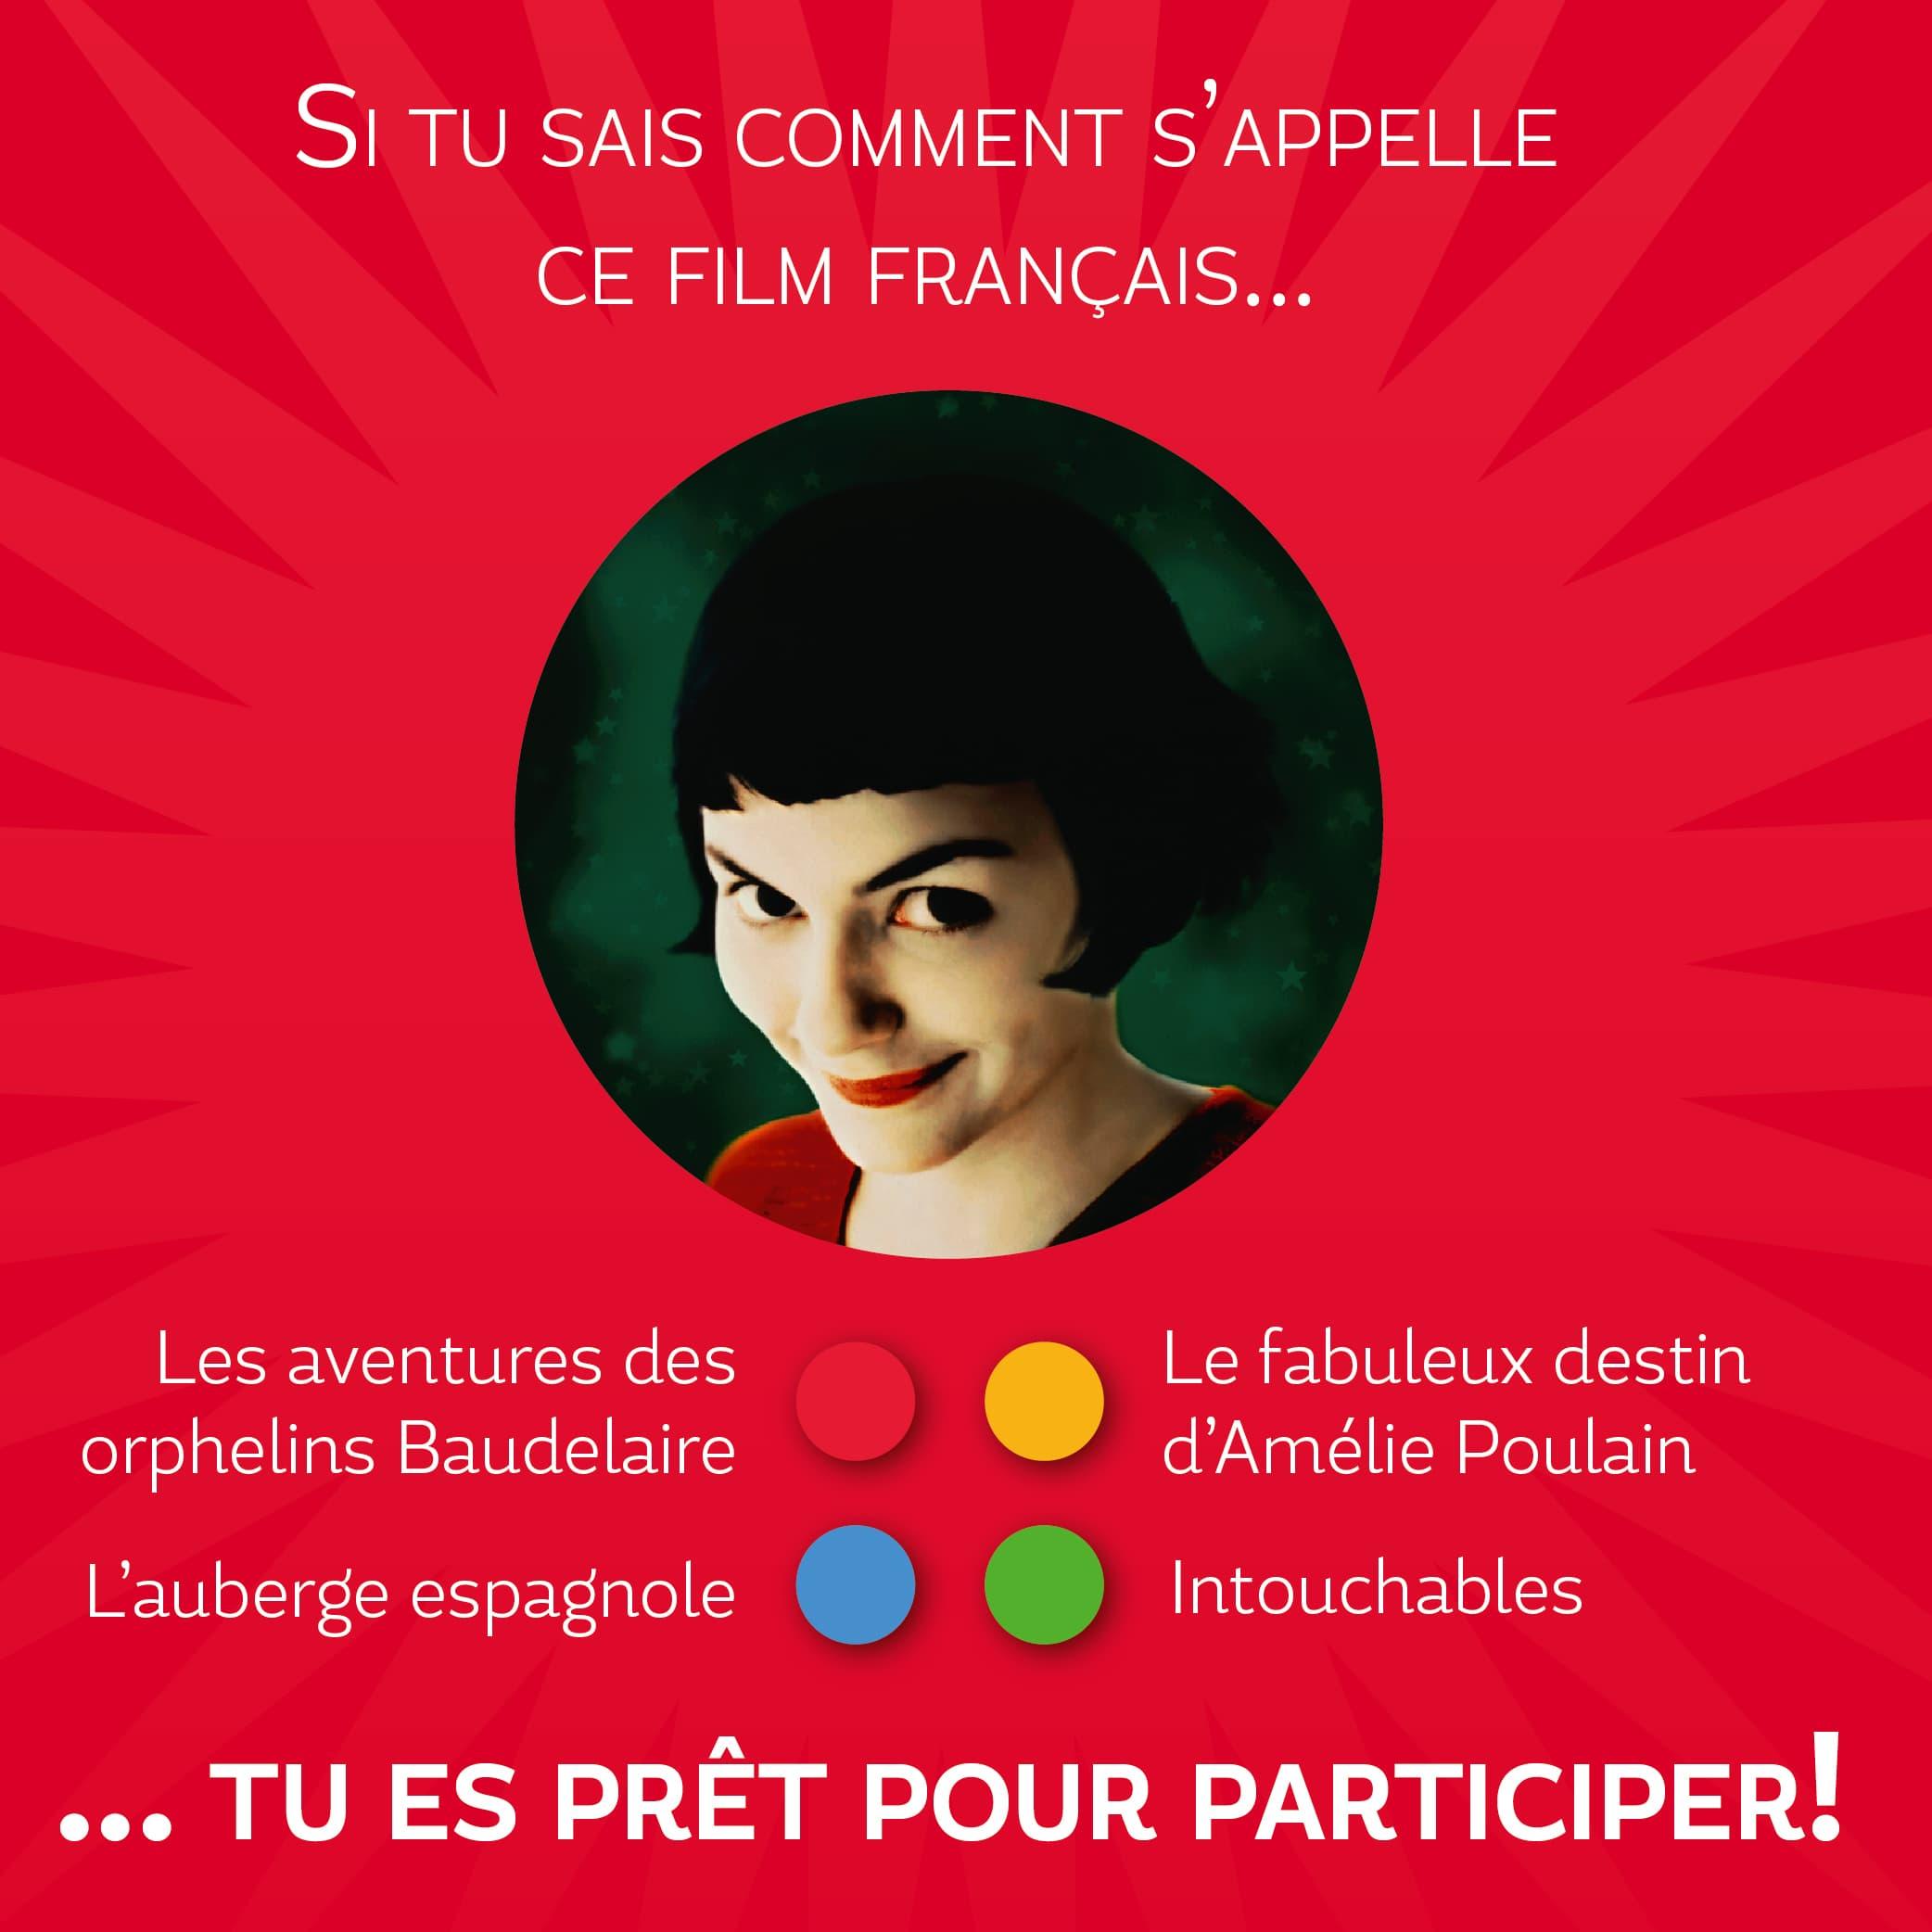 Cartel del concurso en línea de cultura francesa